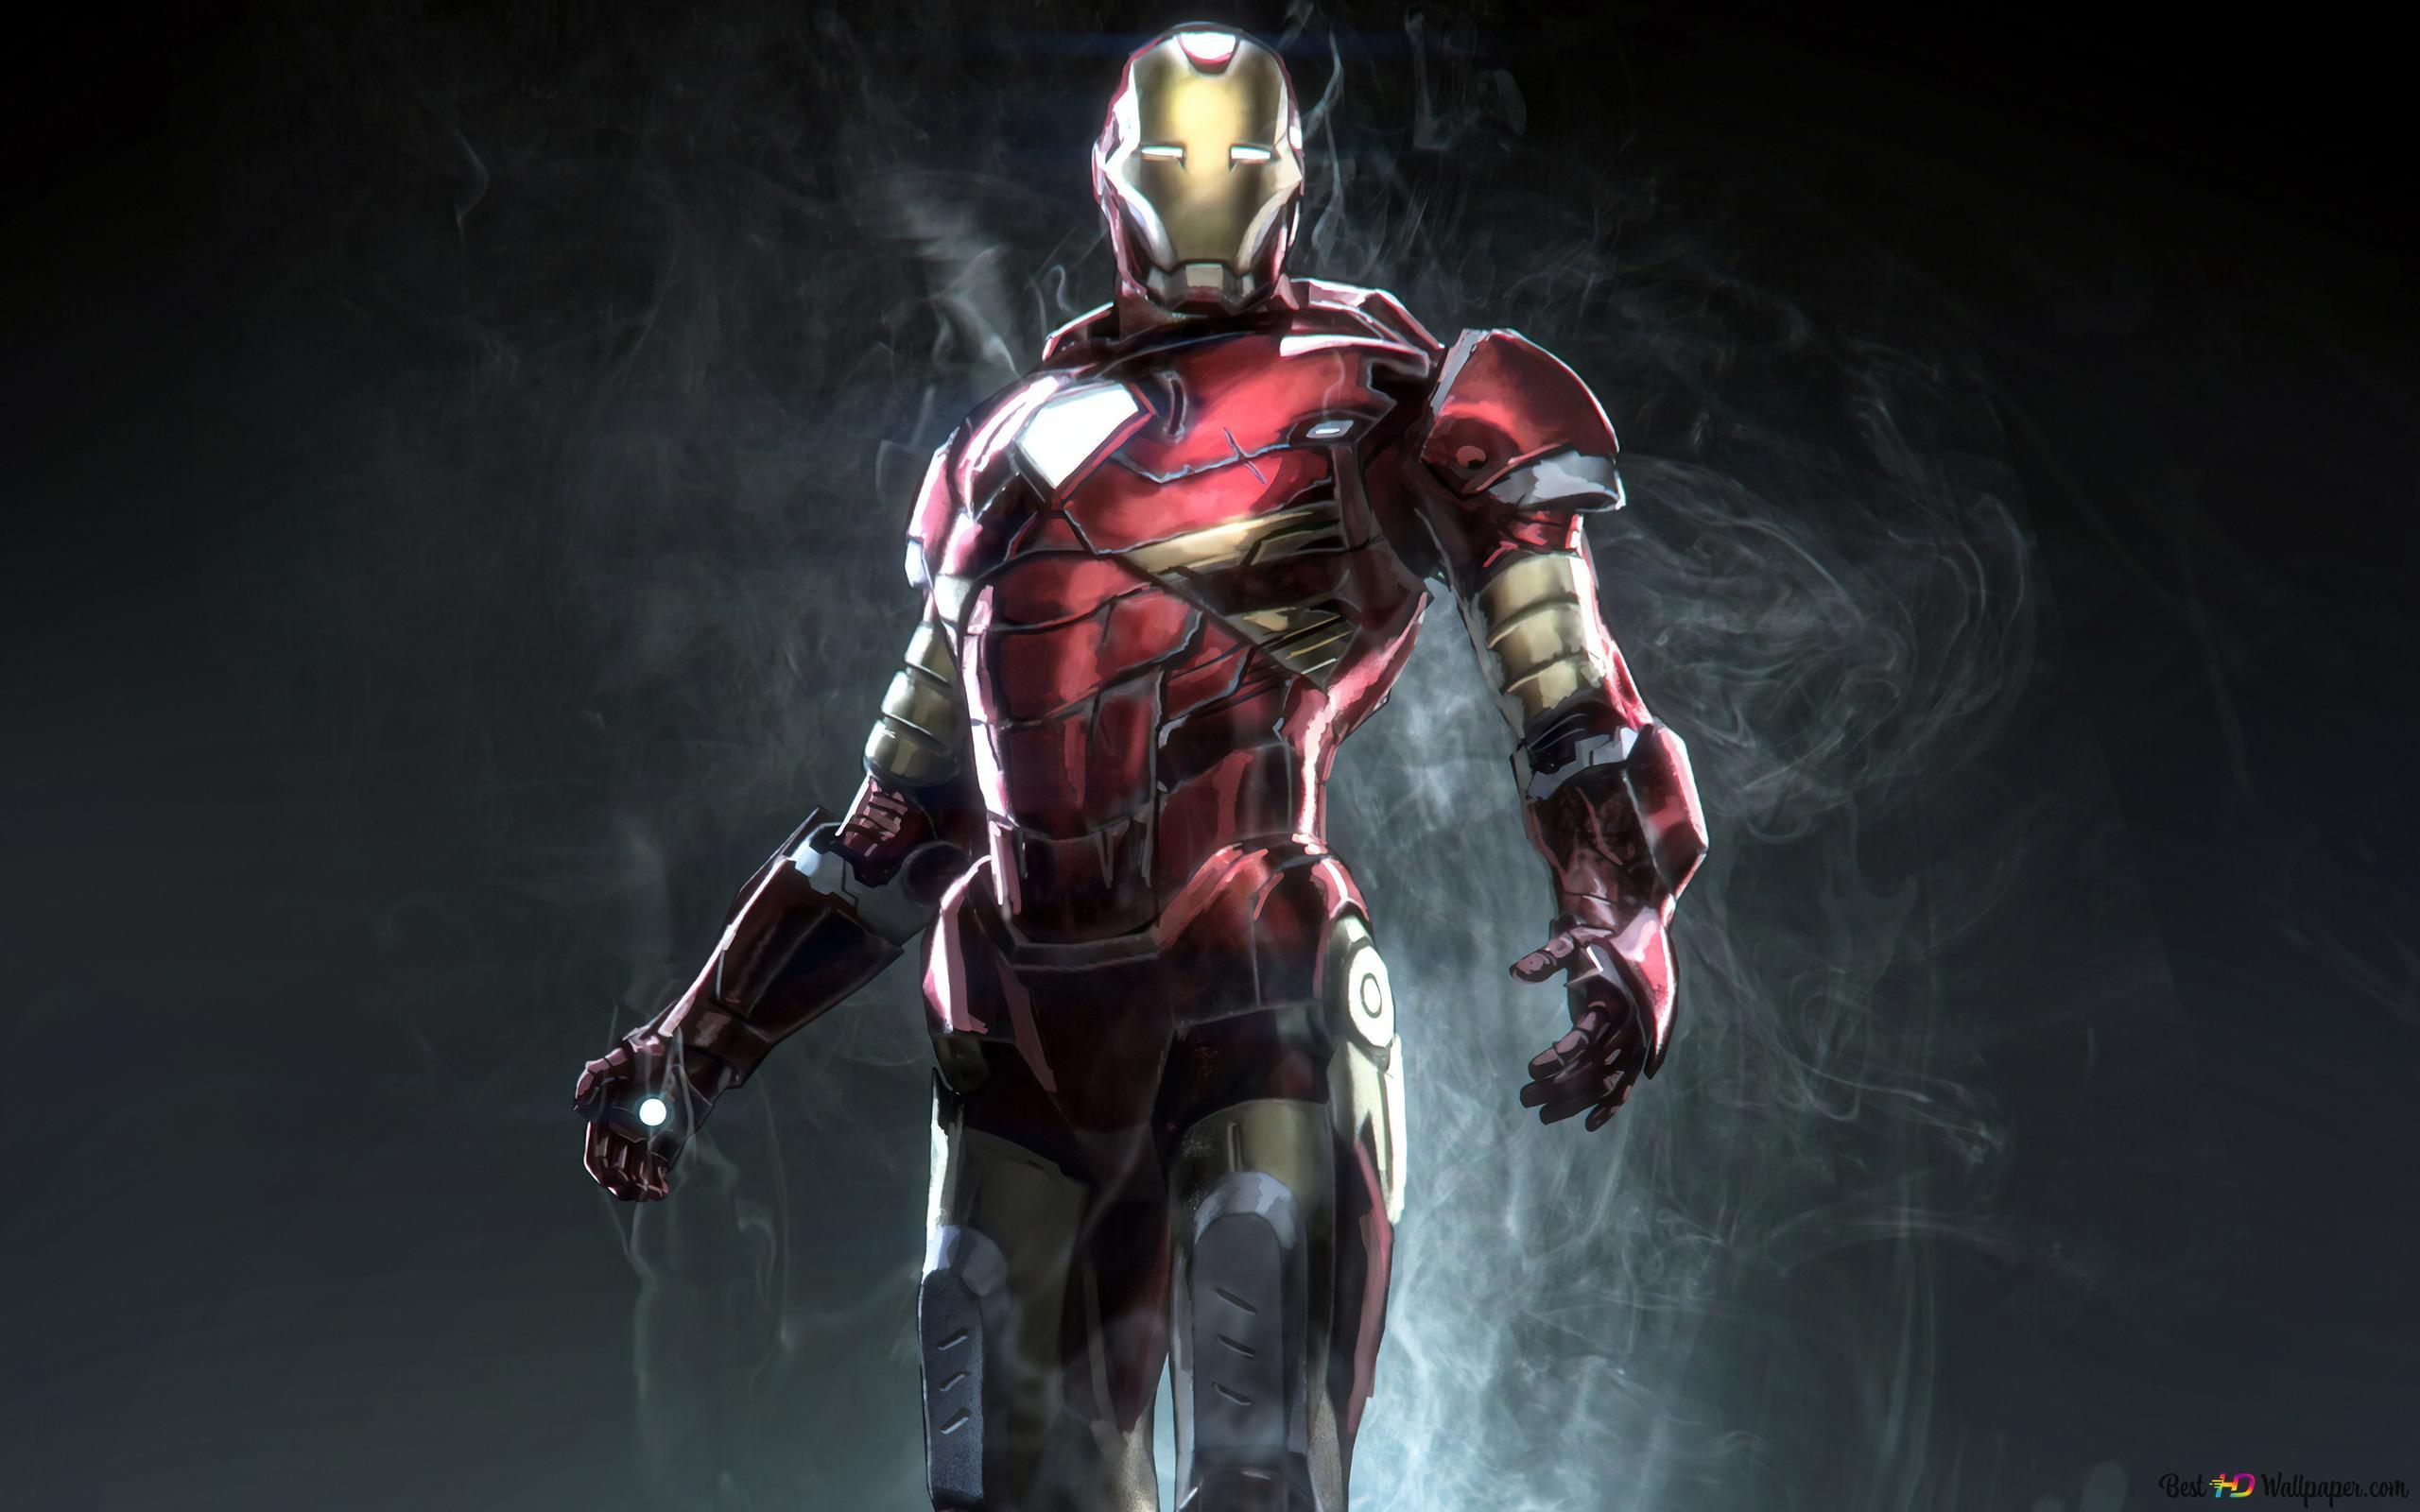 マーベル スタジオは アイアンマンを提示します Hd壁紙のダウンロード